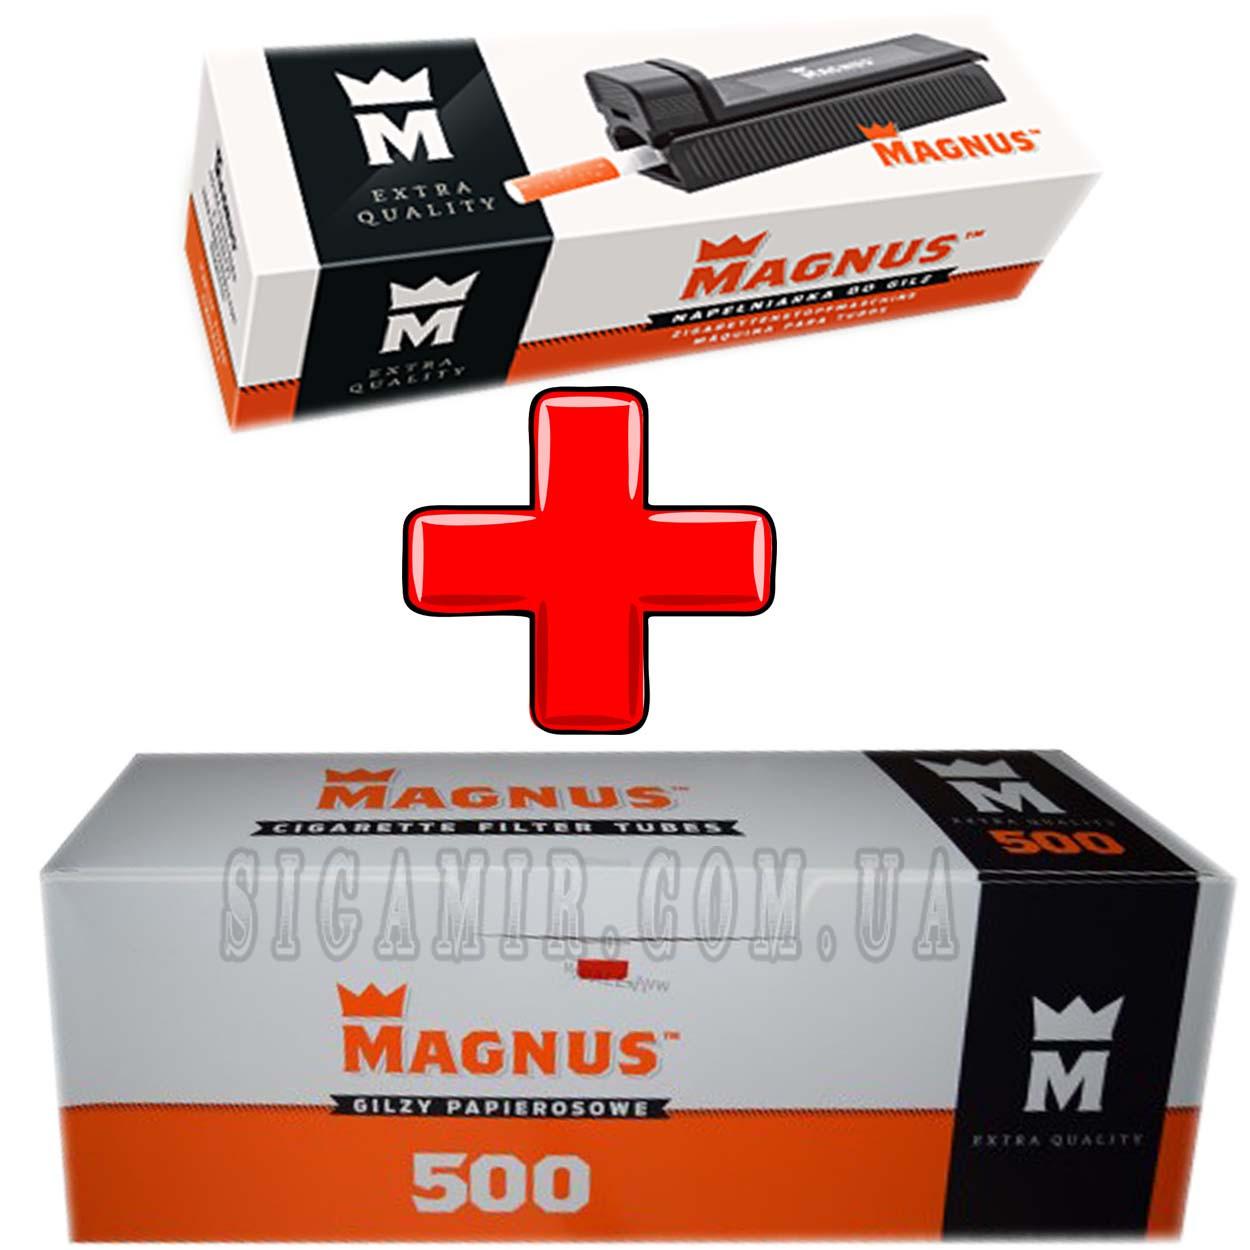 Гильзы для сигарет Magnus 500 штук + фирменная машинка для набивки сигарет